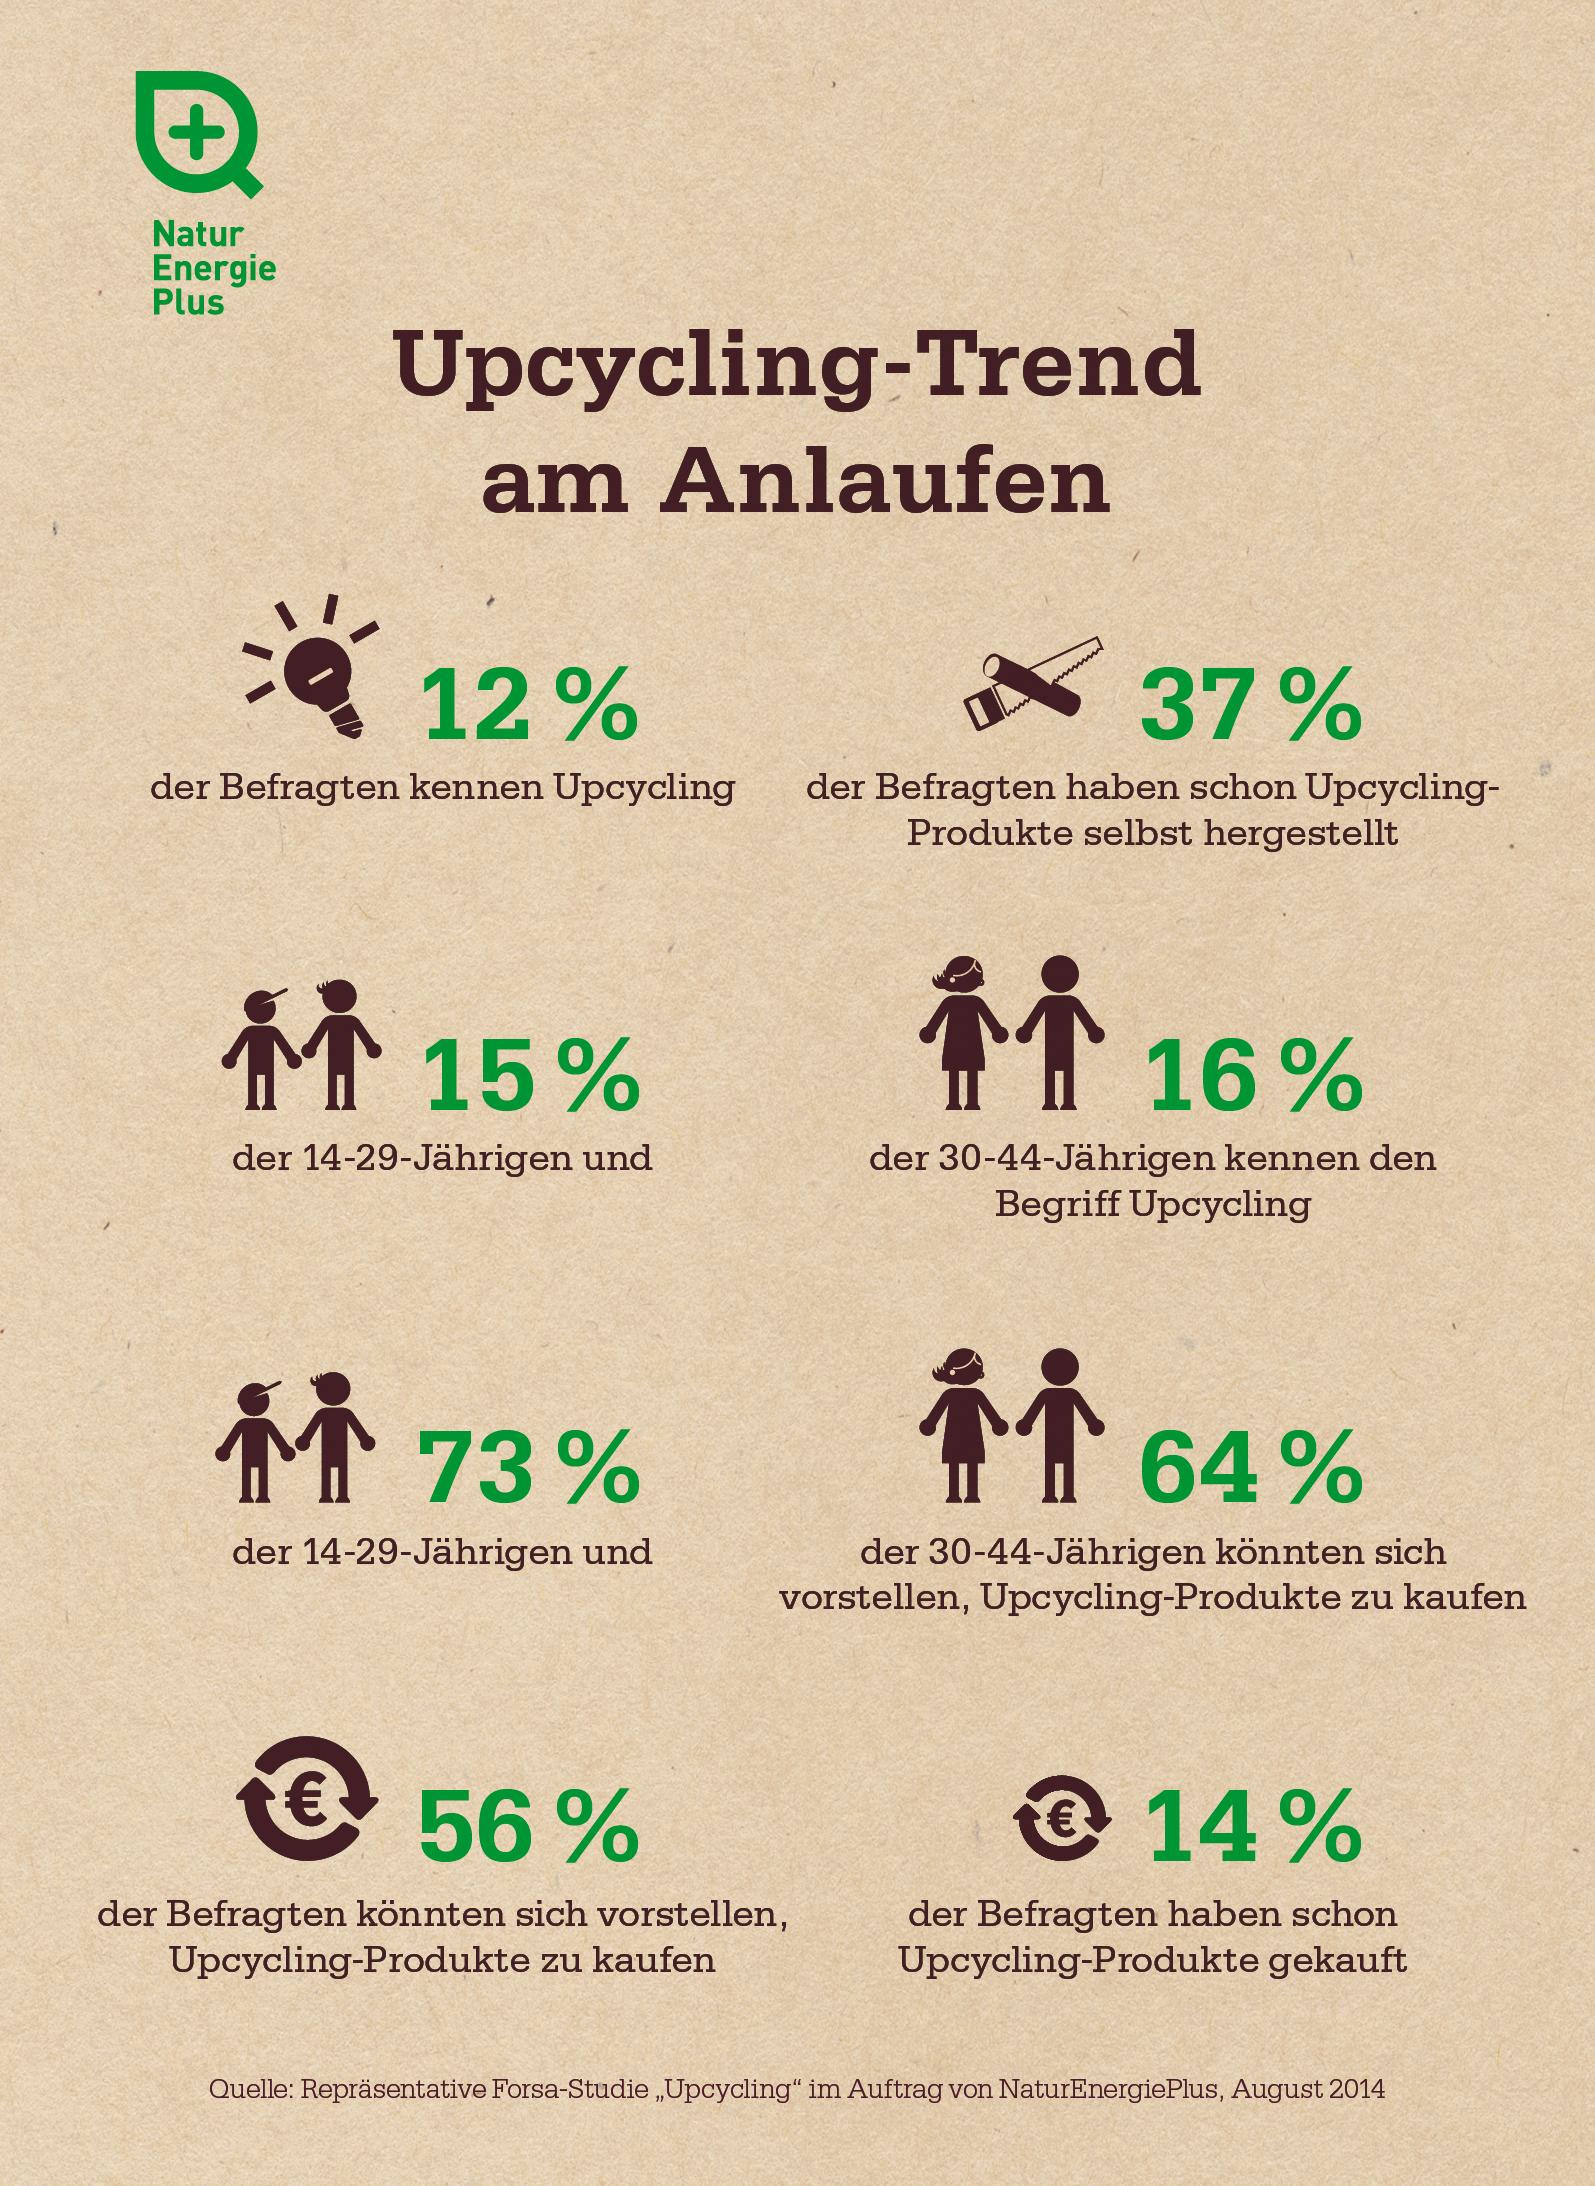 Infografik: Upcycling-Studie von NaturEnergiePlus (Trend am Anlaufen)